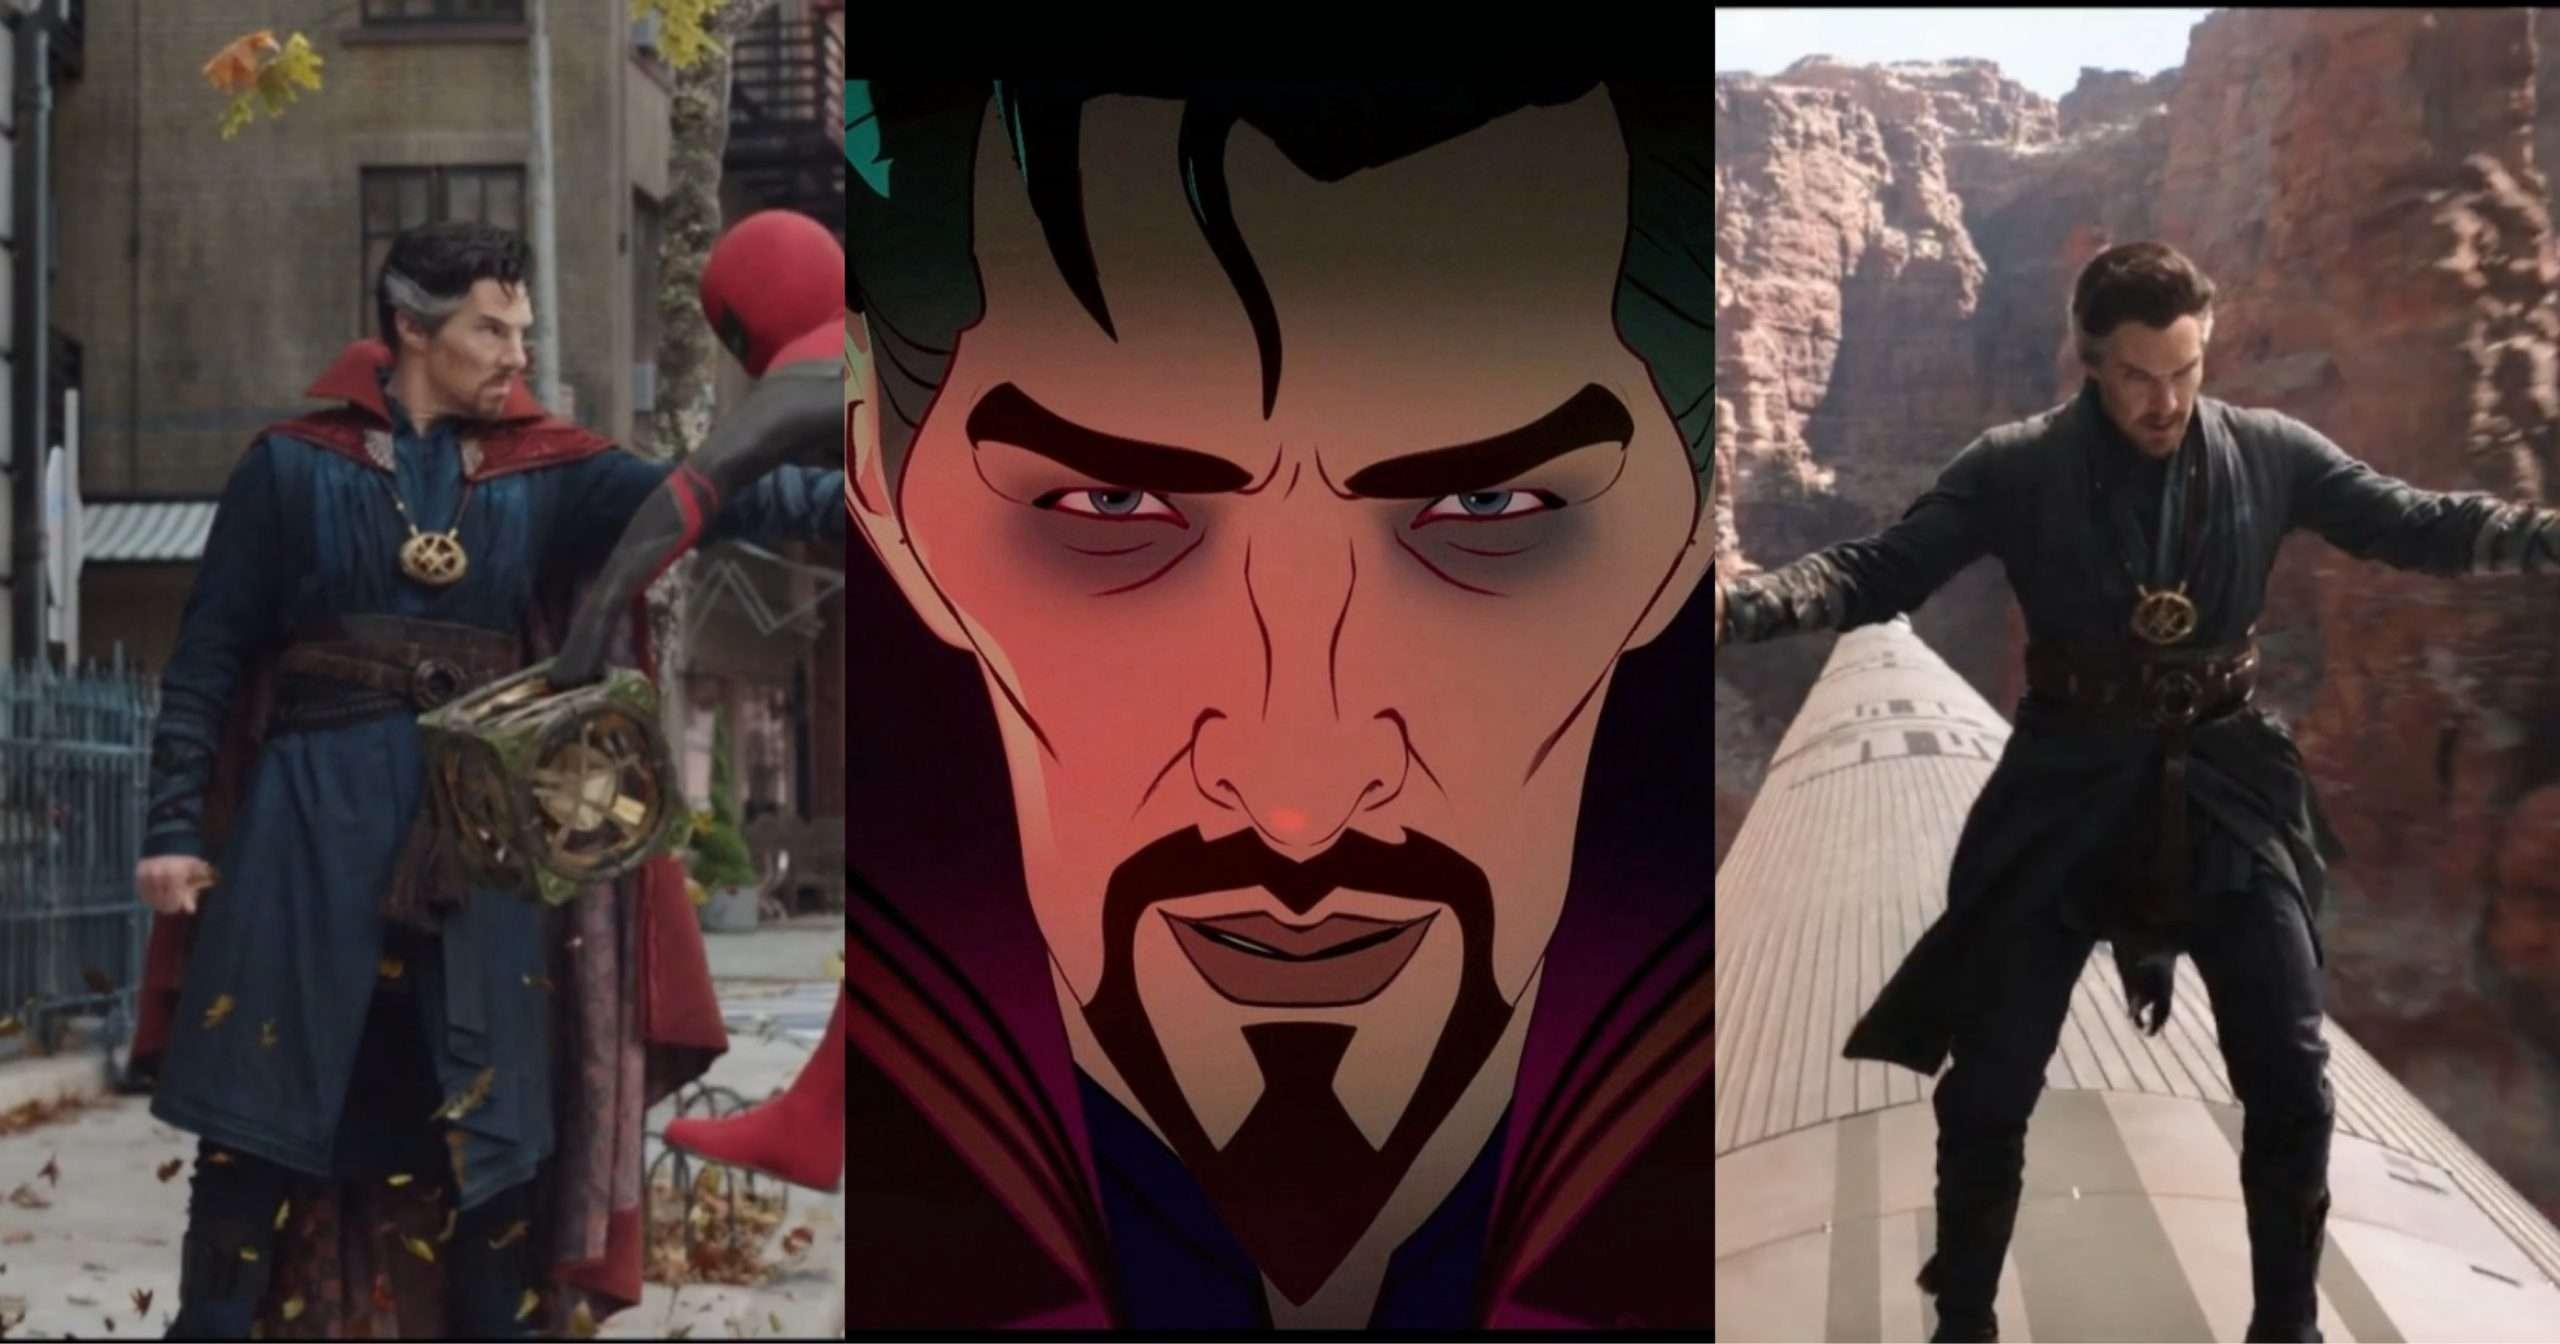 evil-doctor-strange-in-spider-man-no-way-home-marvel